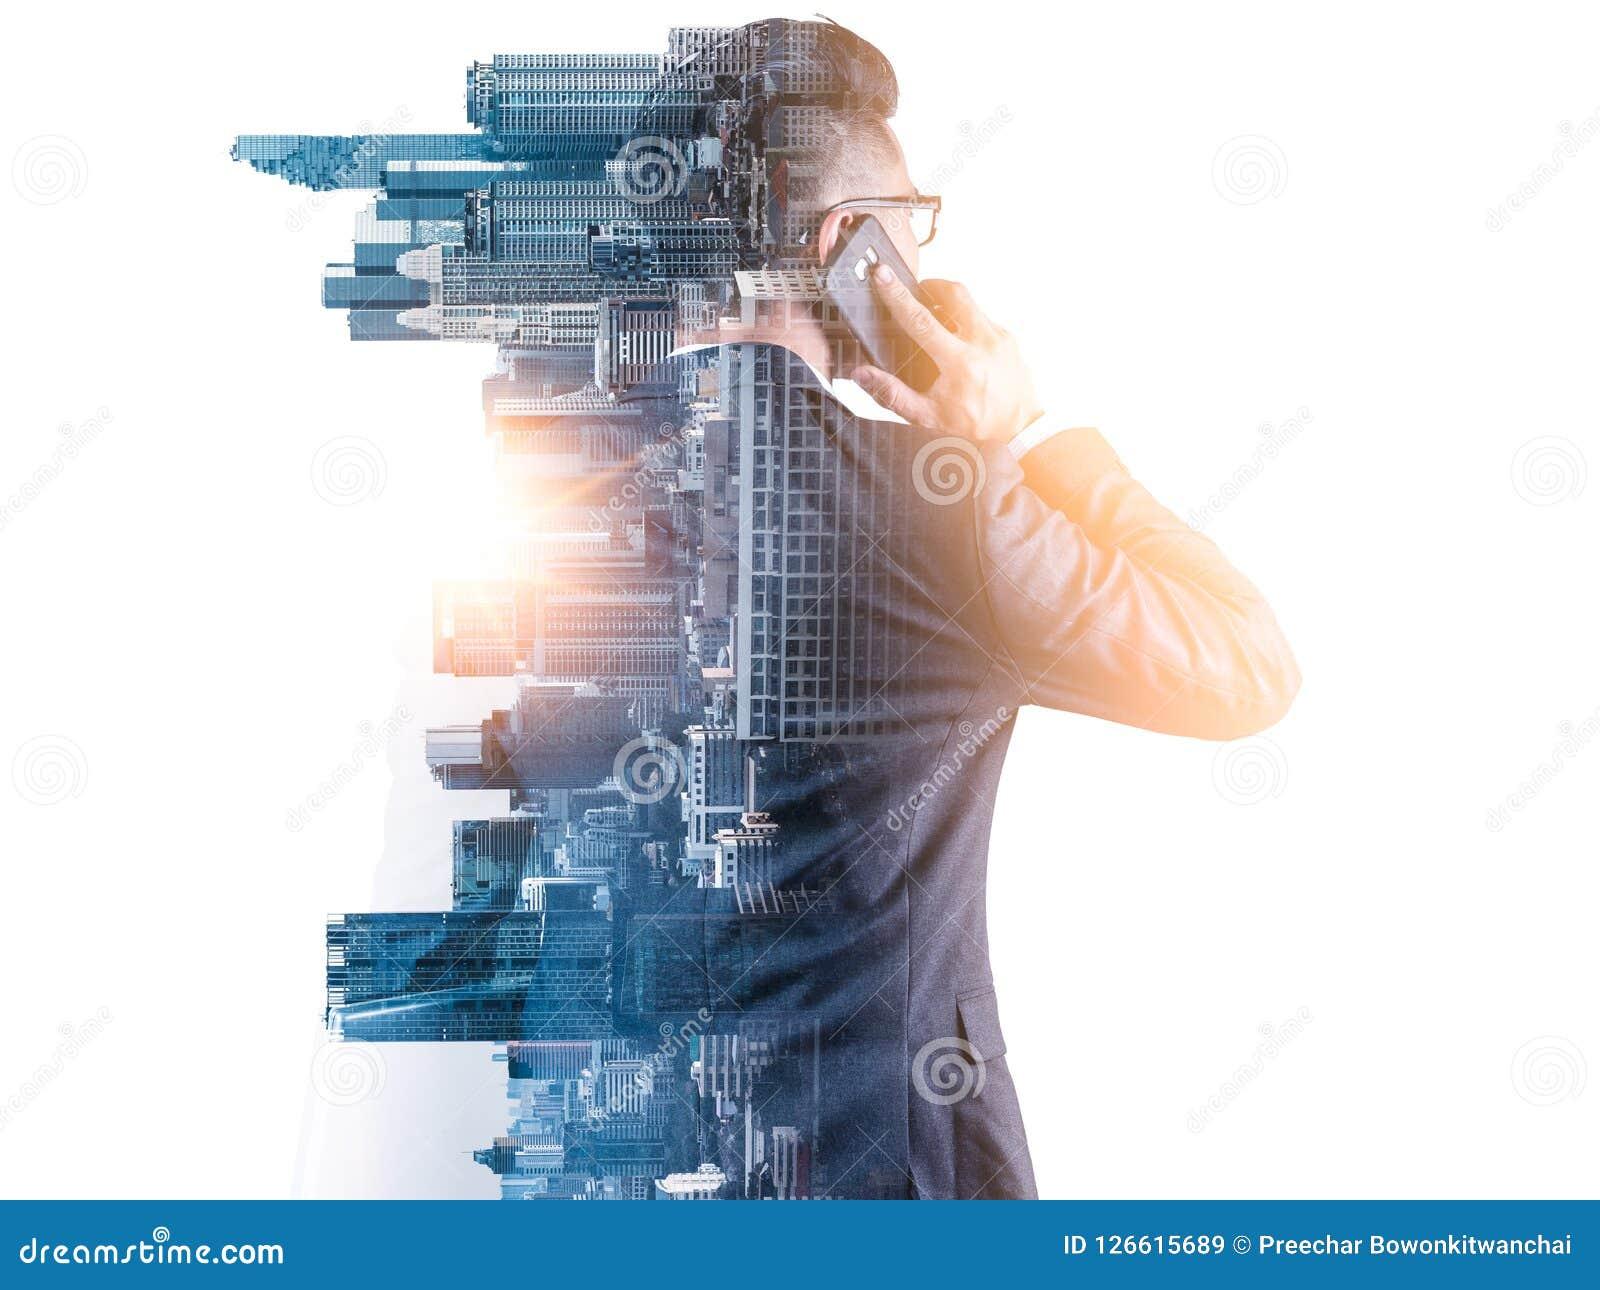 L image de double exposition de l homme d affaires utilisant un smartphone pendant le lever de soleil a recouvert avec l image de